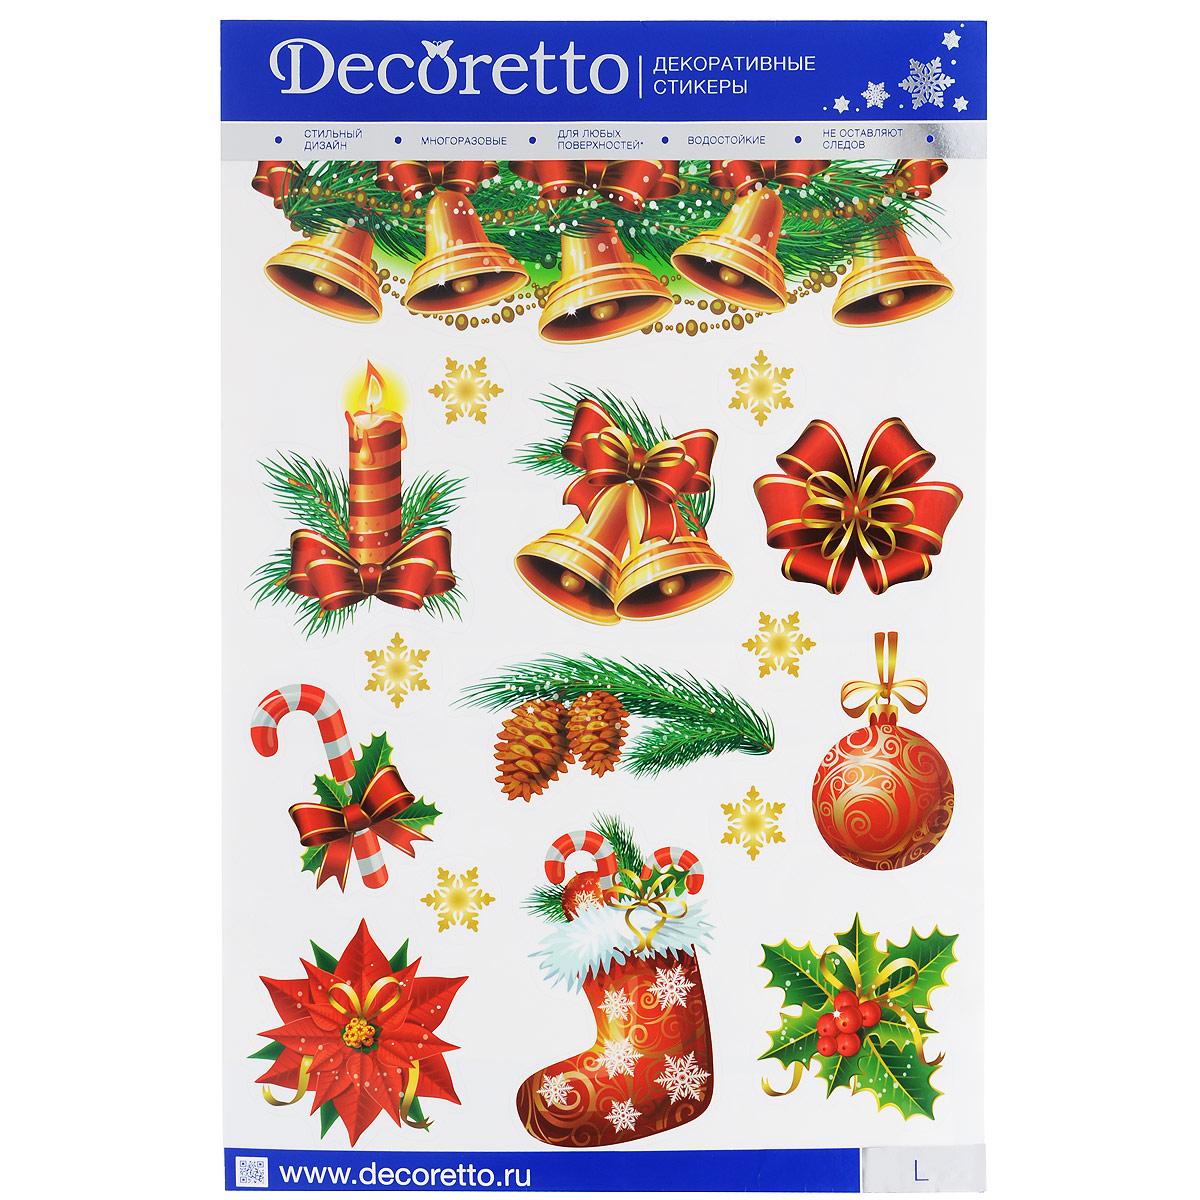 Украшение для стен и предметов интерьера Decoretto Рождественский вечер, 16 шт. NI 4001